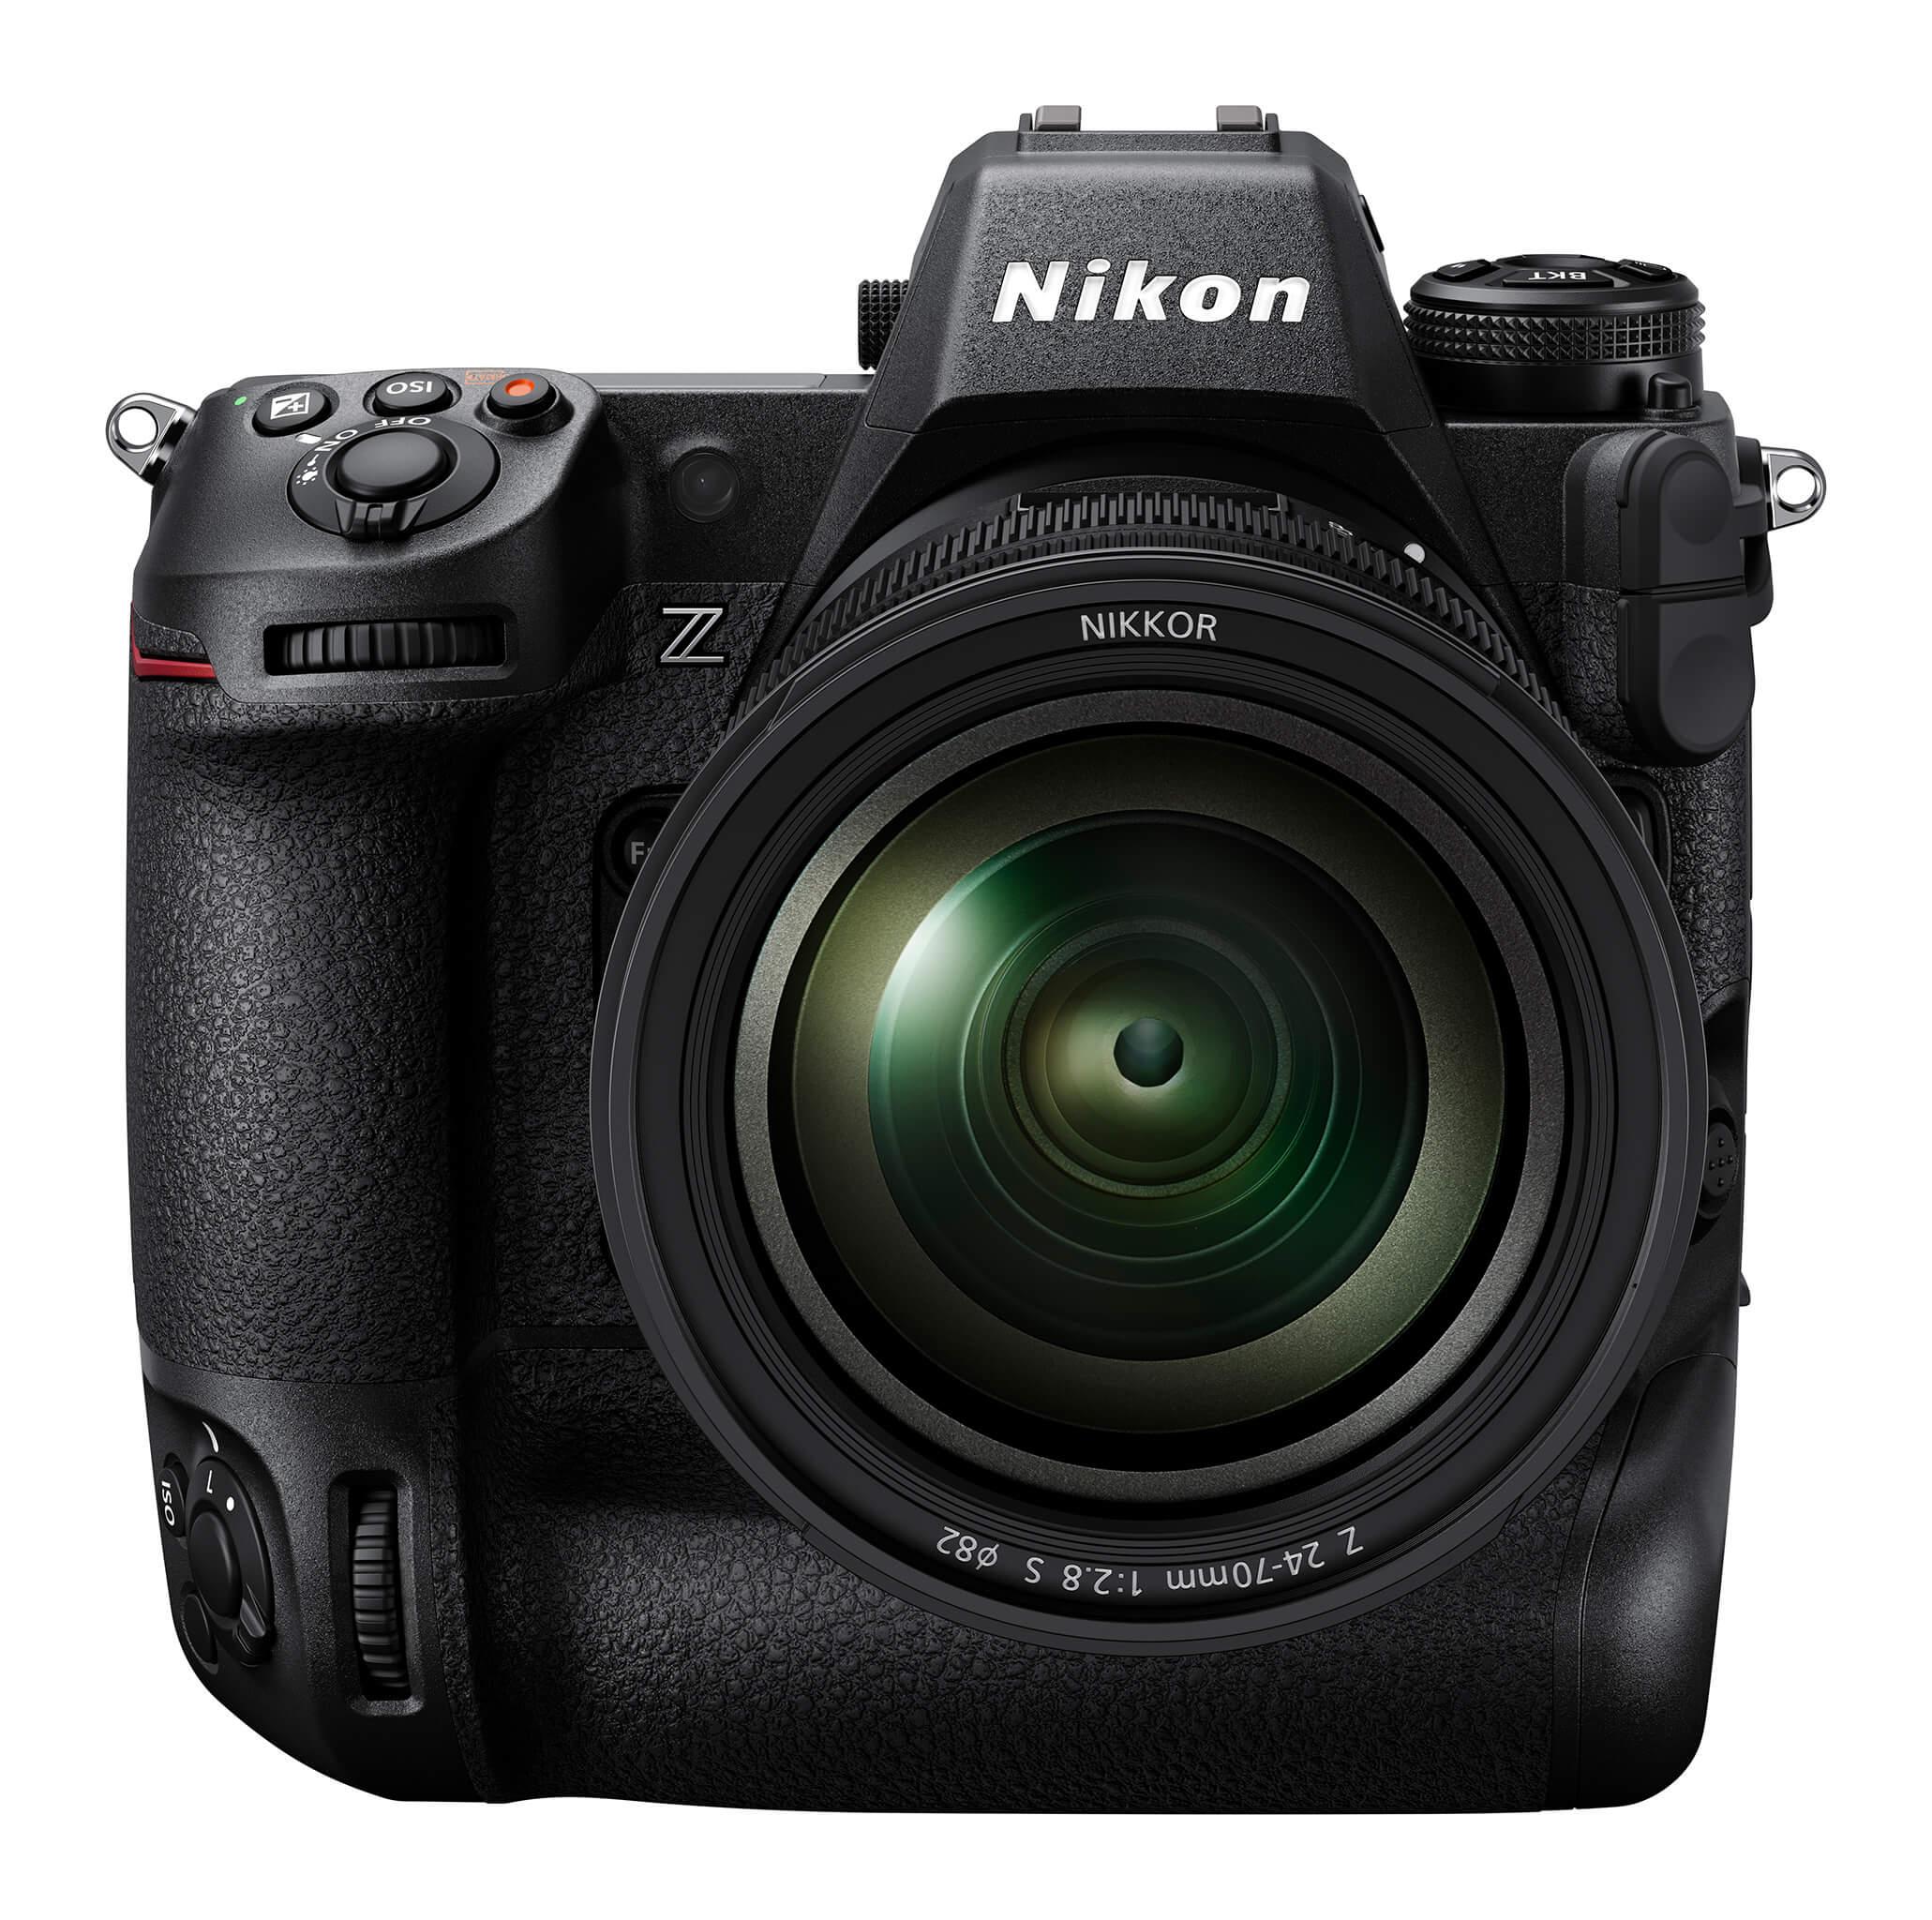 Vzhled fotoaparátu se může lišit od výše uvedeného obrázku